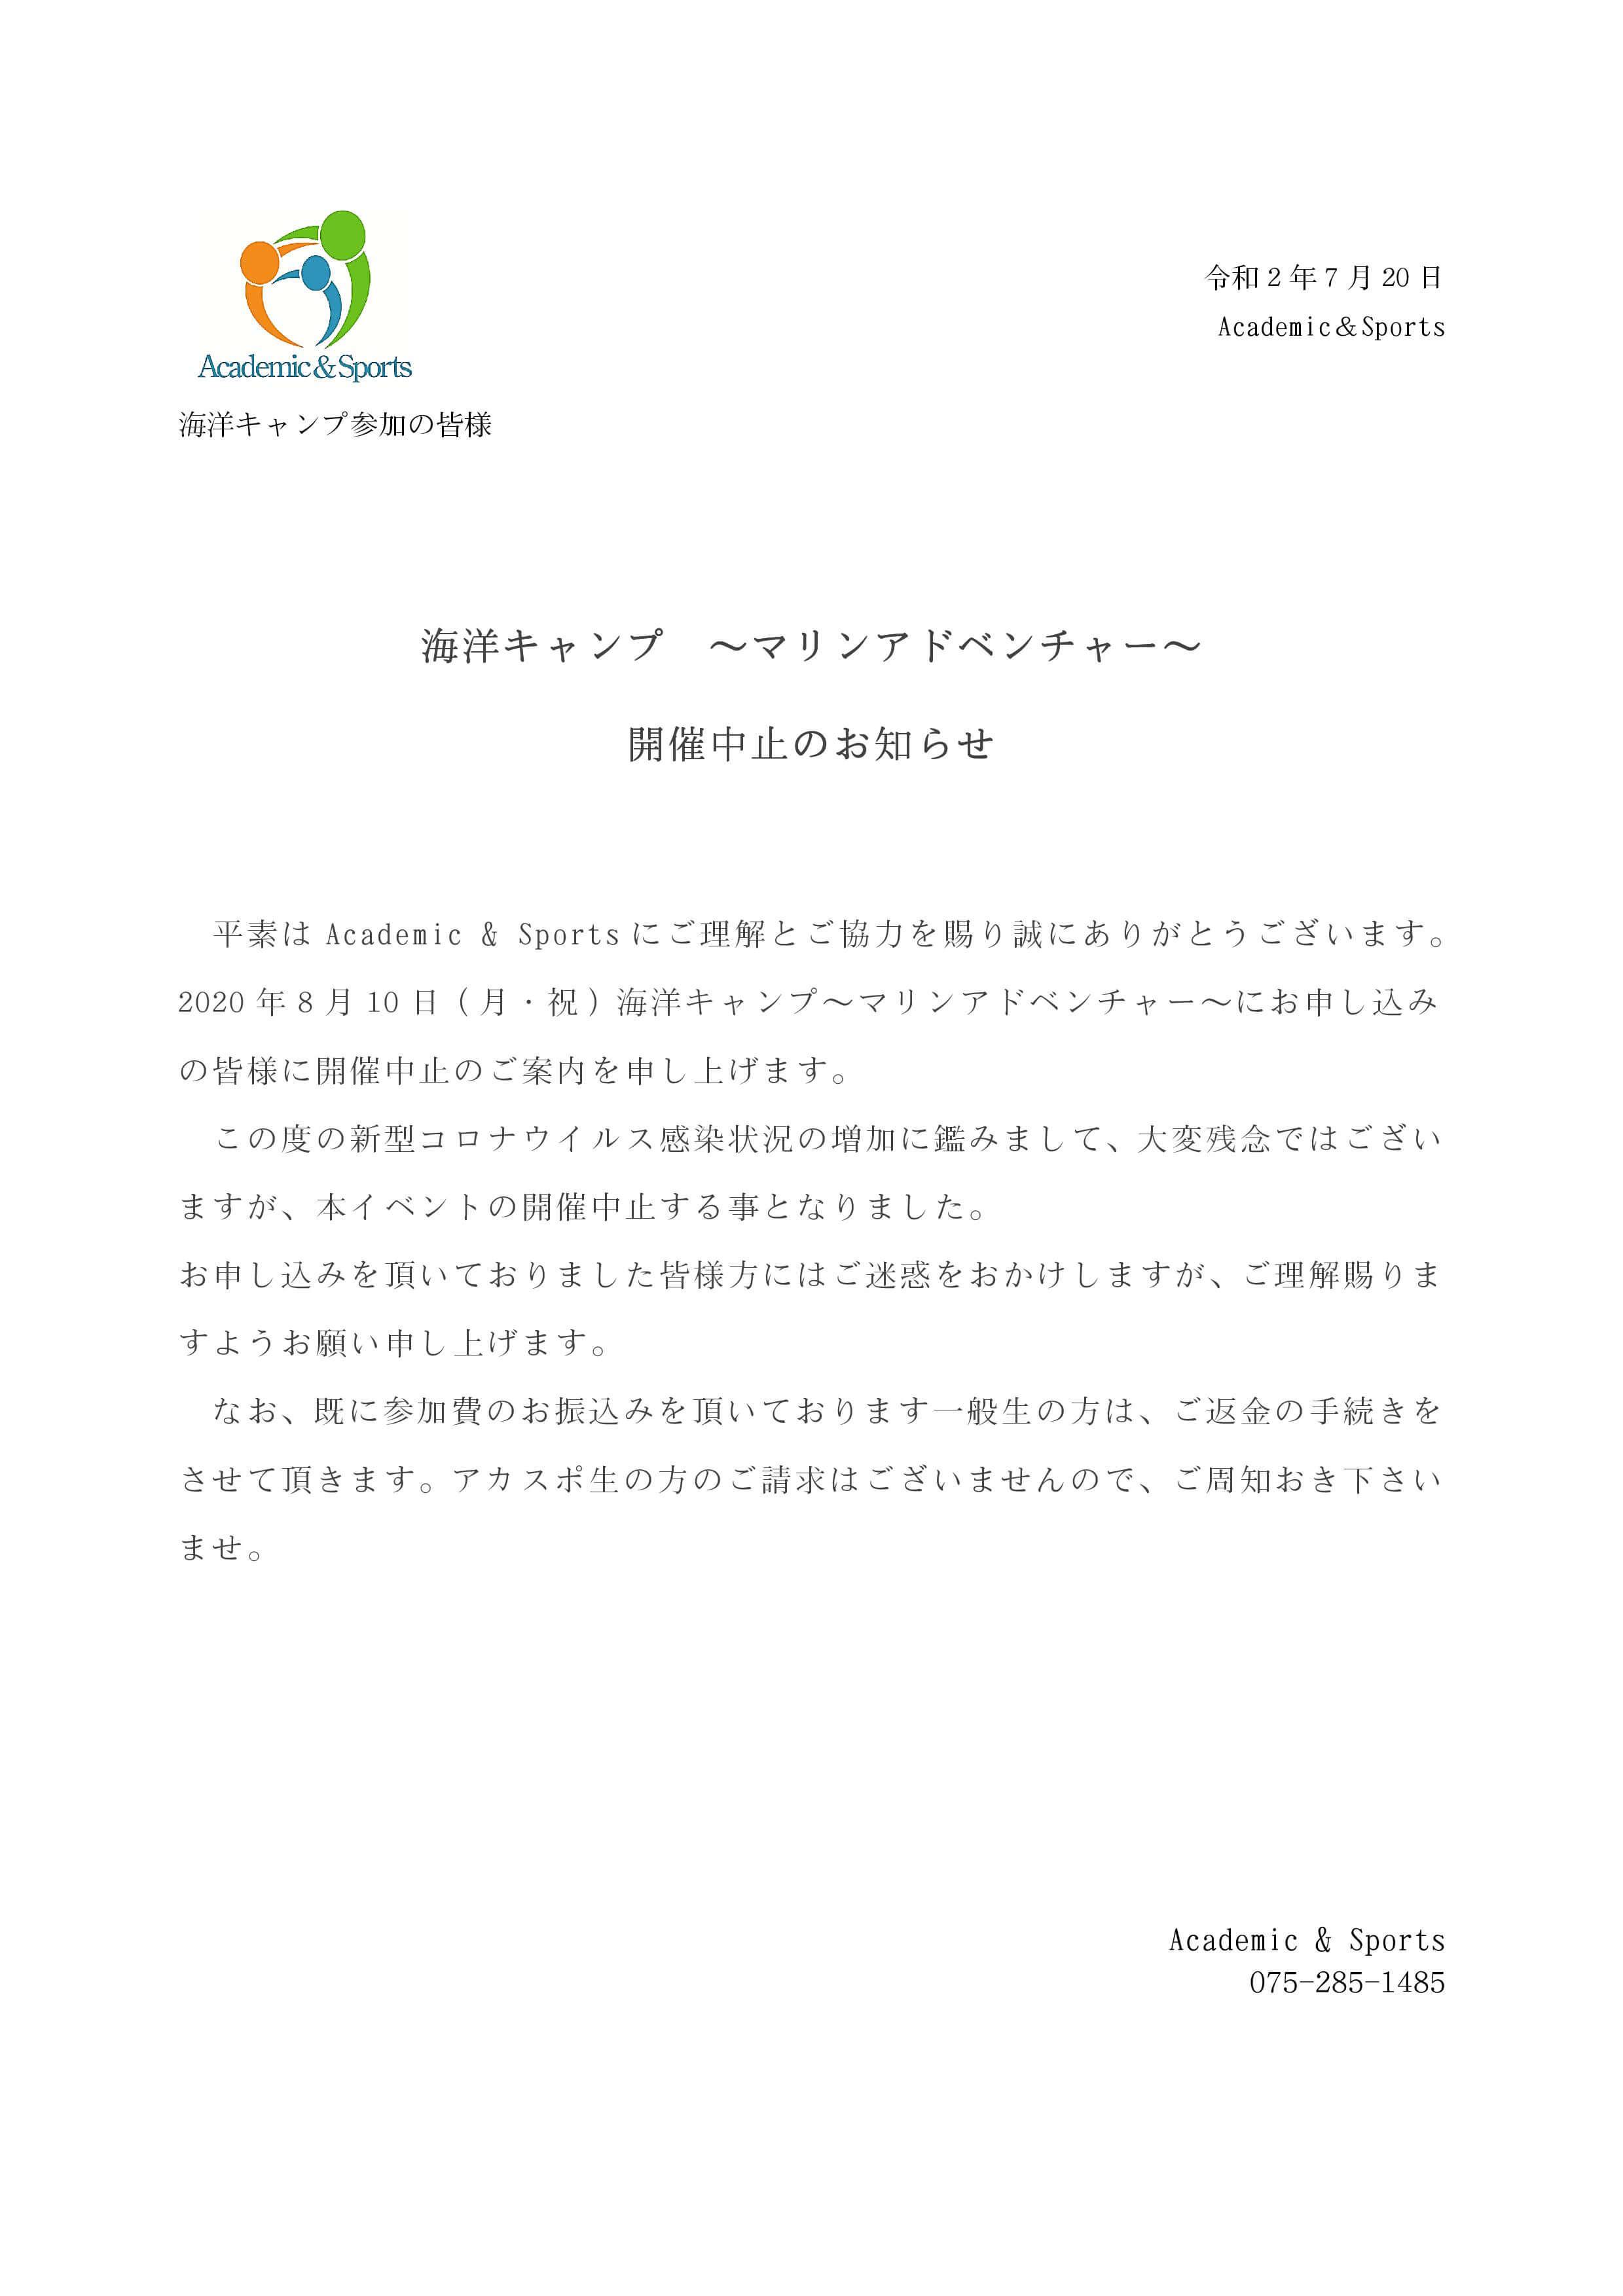 【中止】海洋キャンプ~マリンアドベンチャー~中止のお知らせ